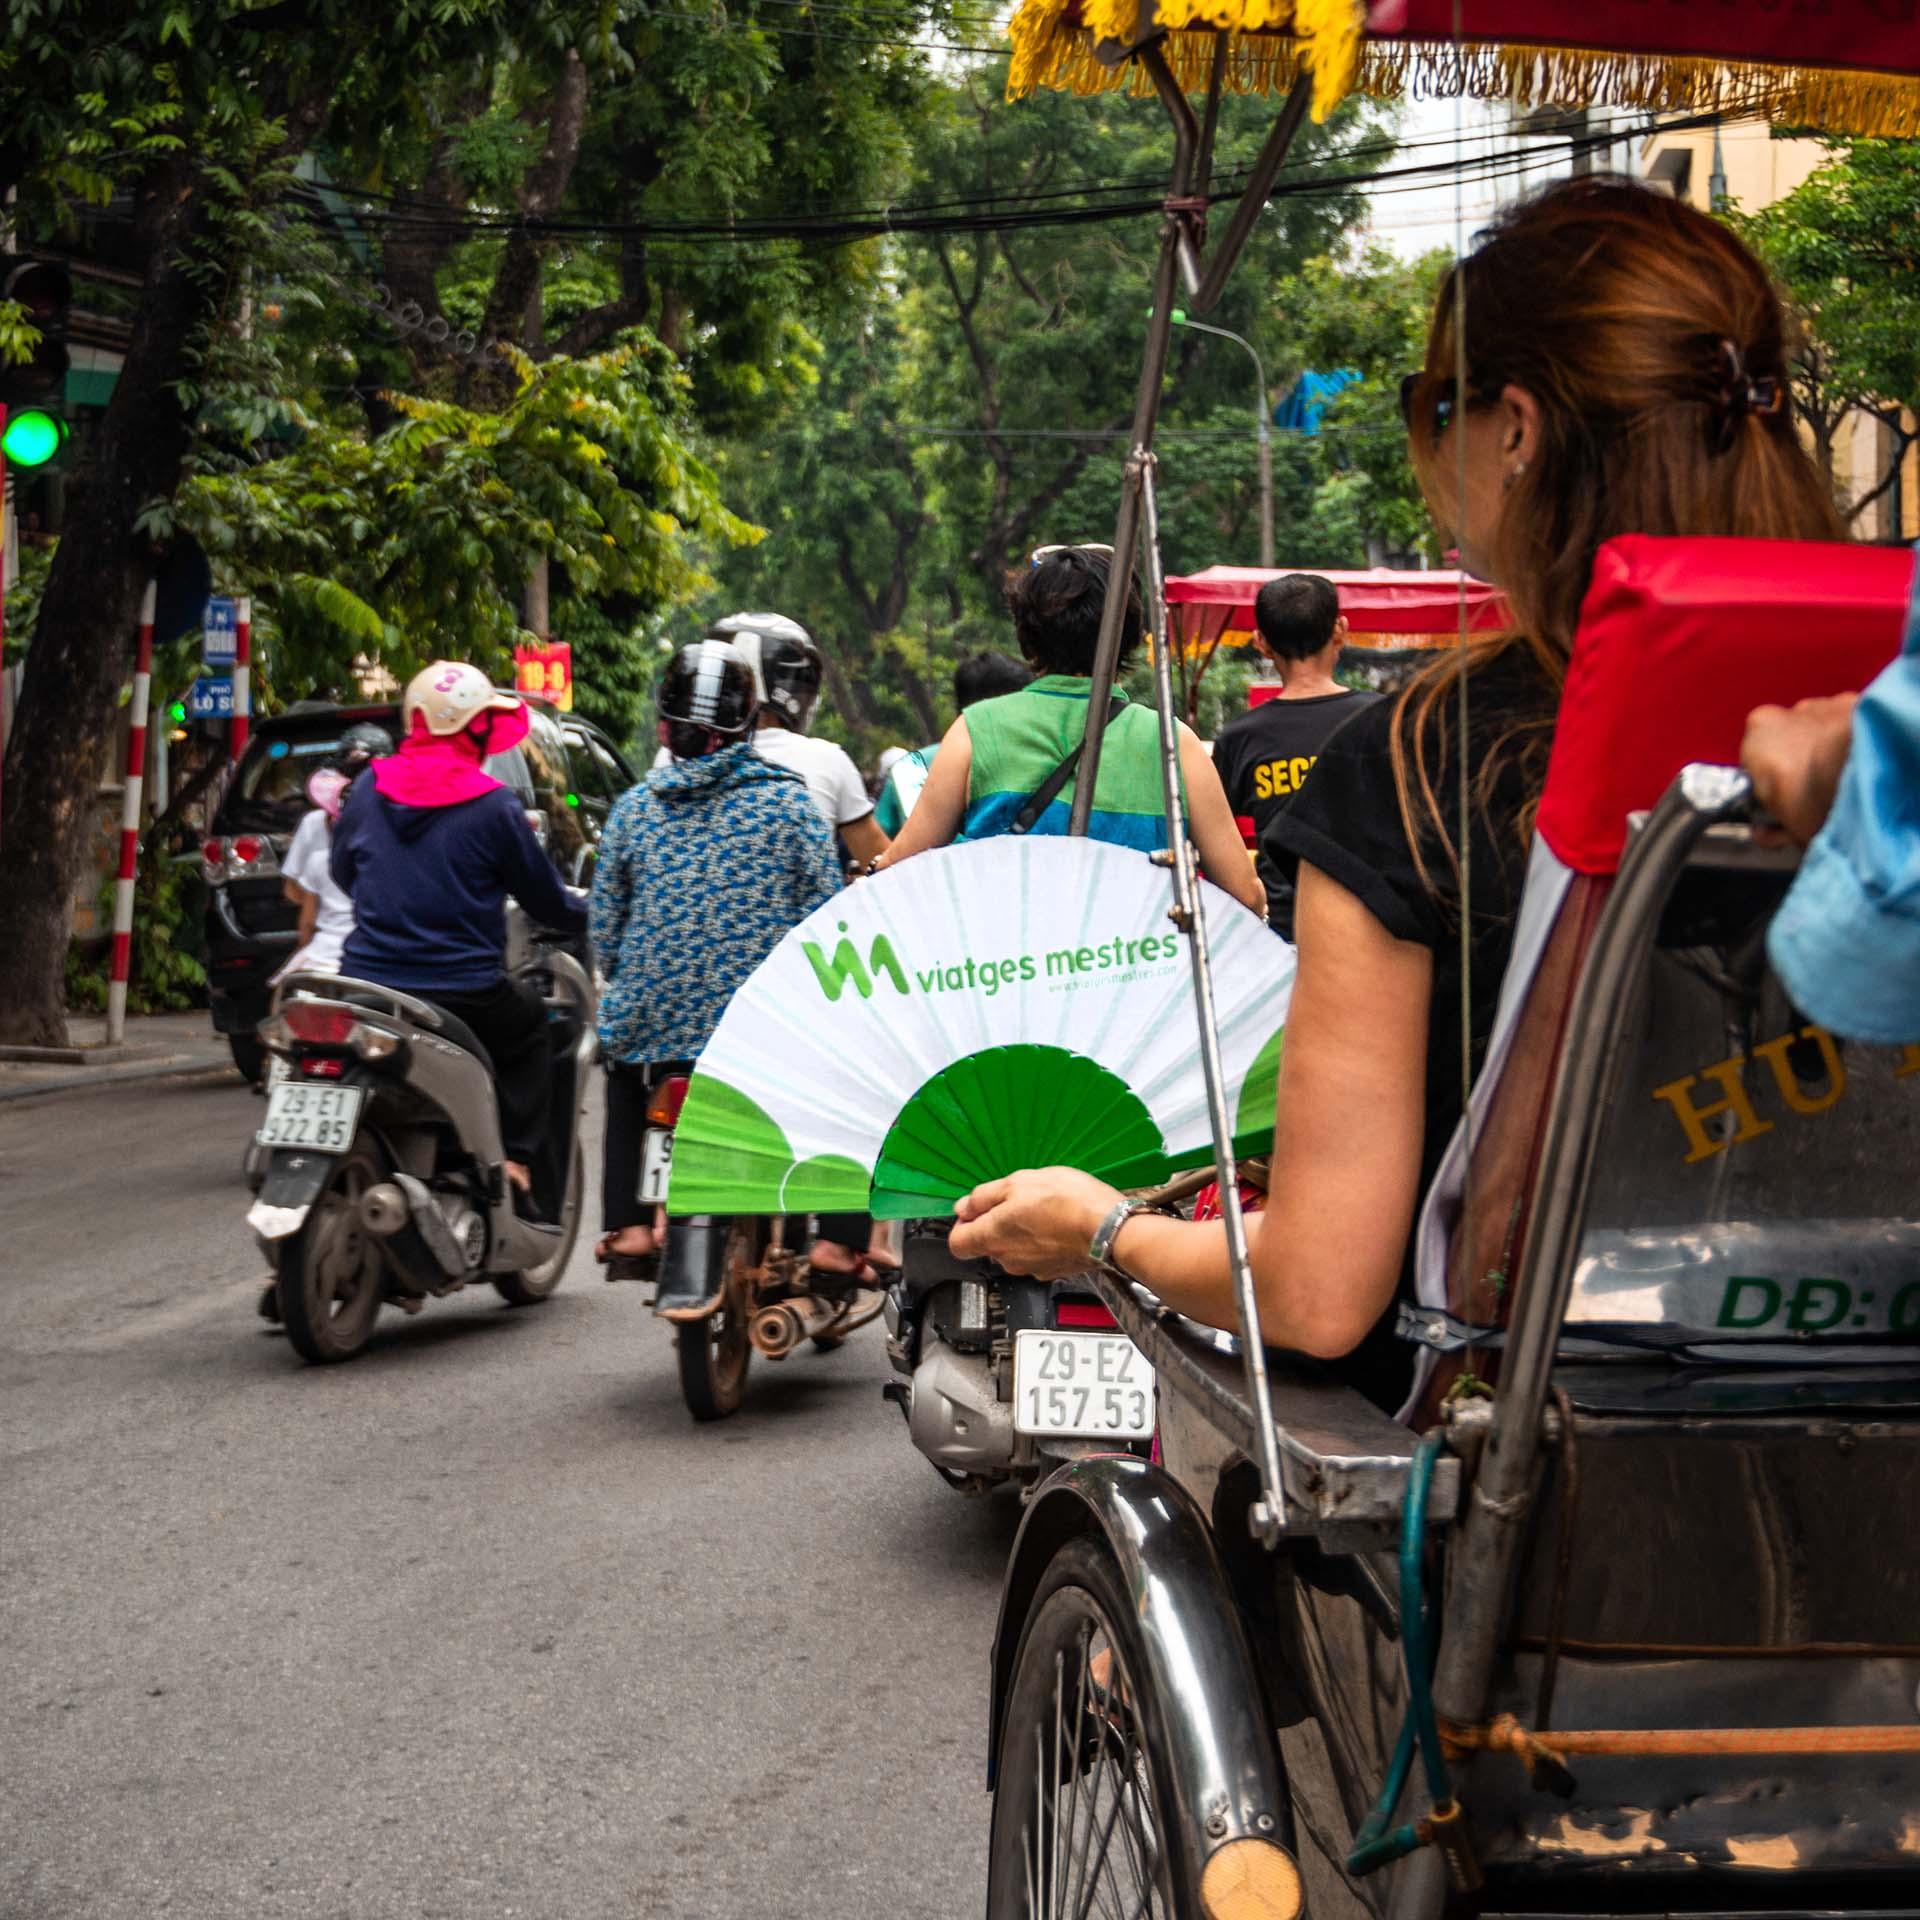 viatges mestres vietnam